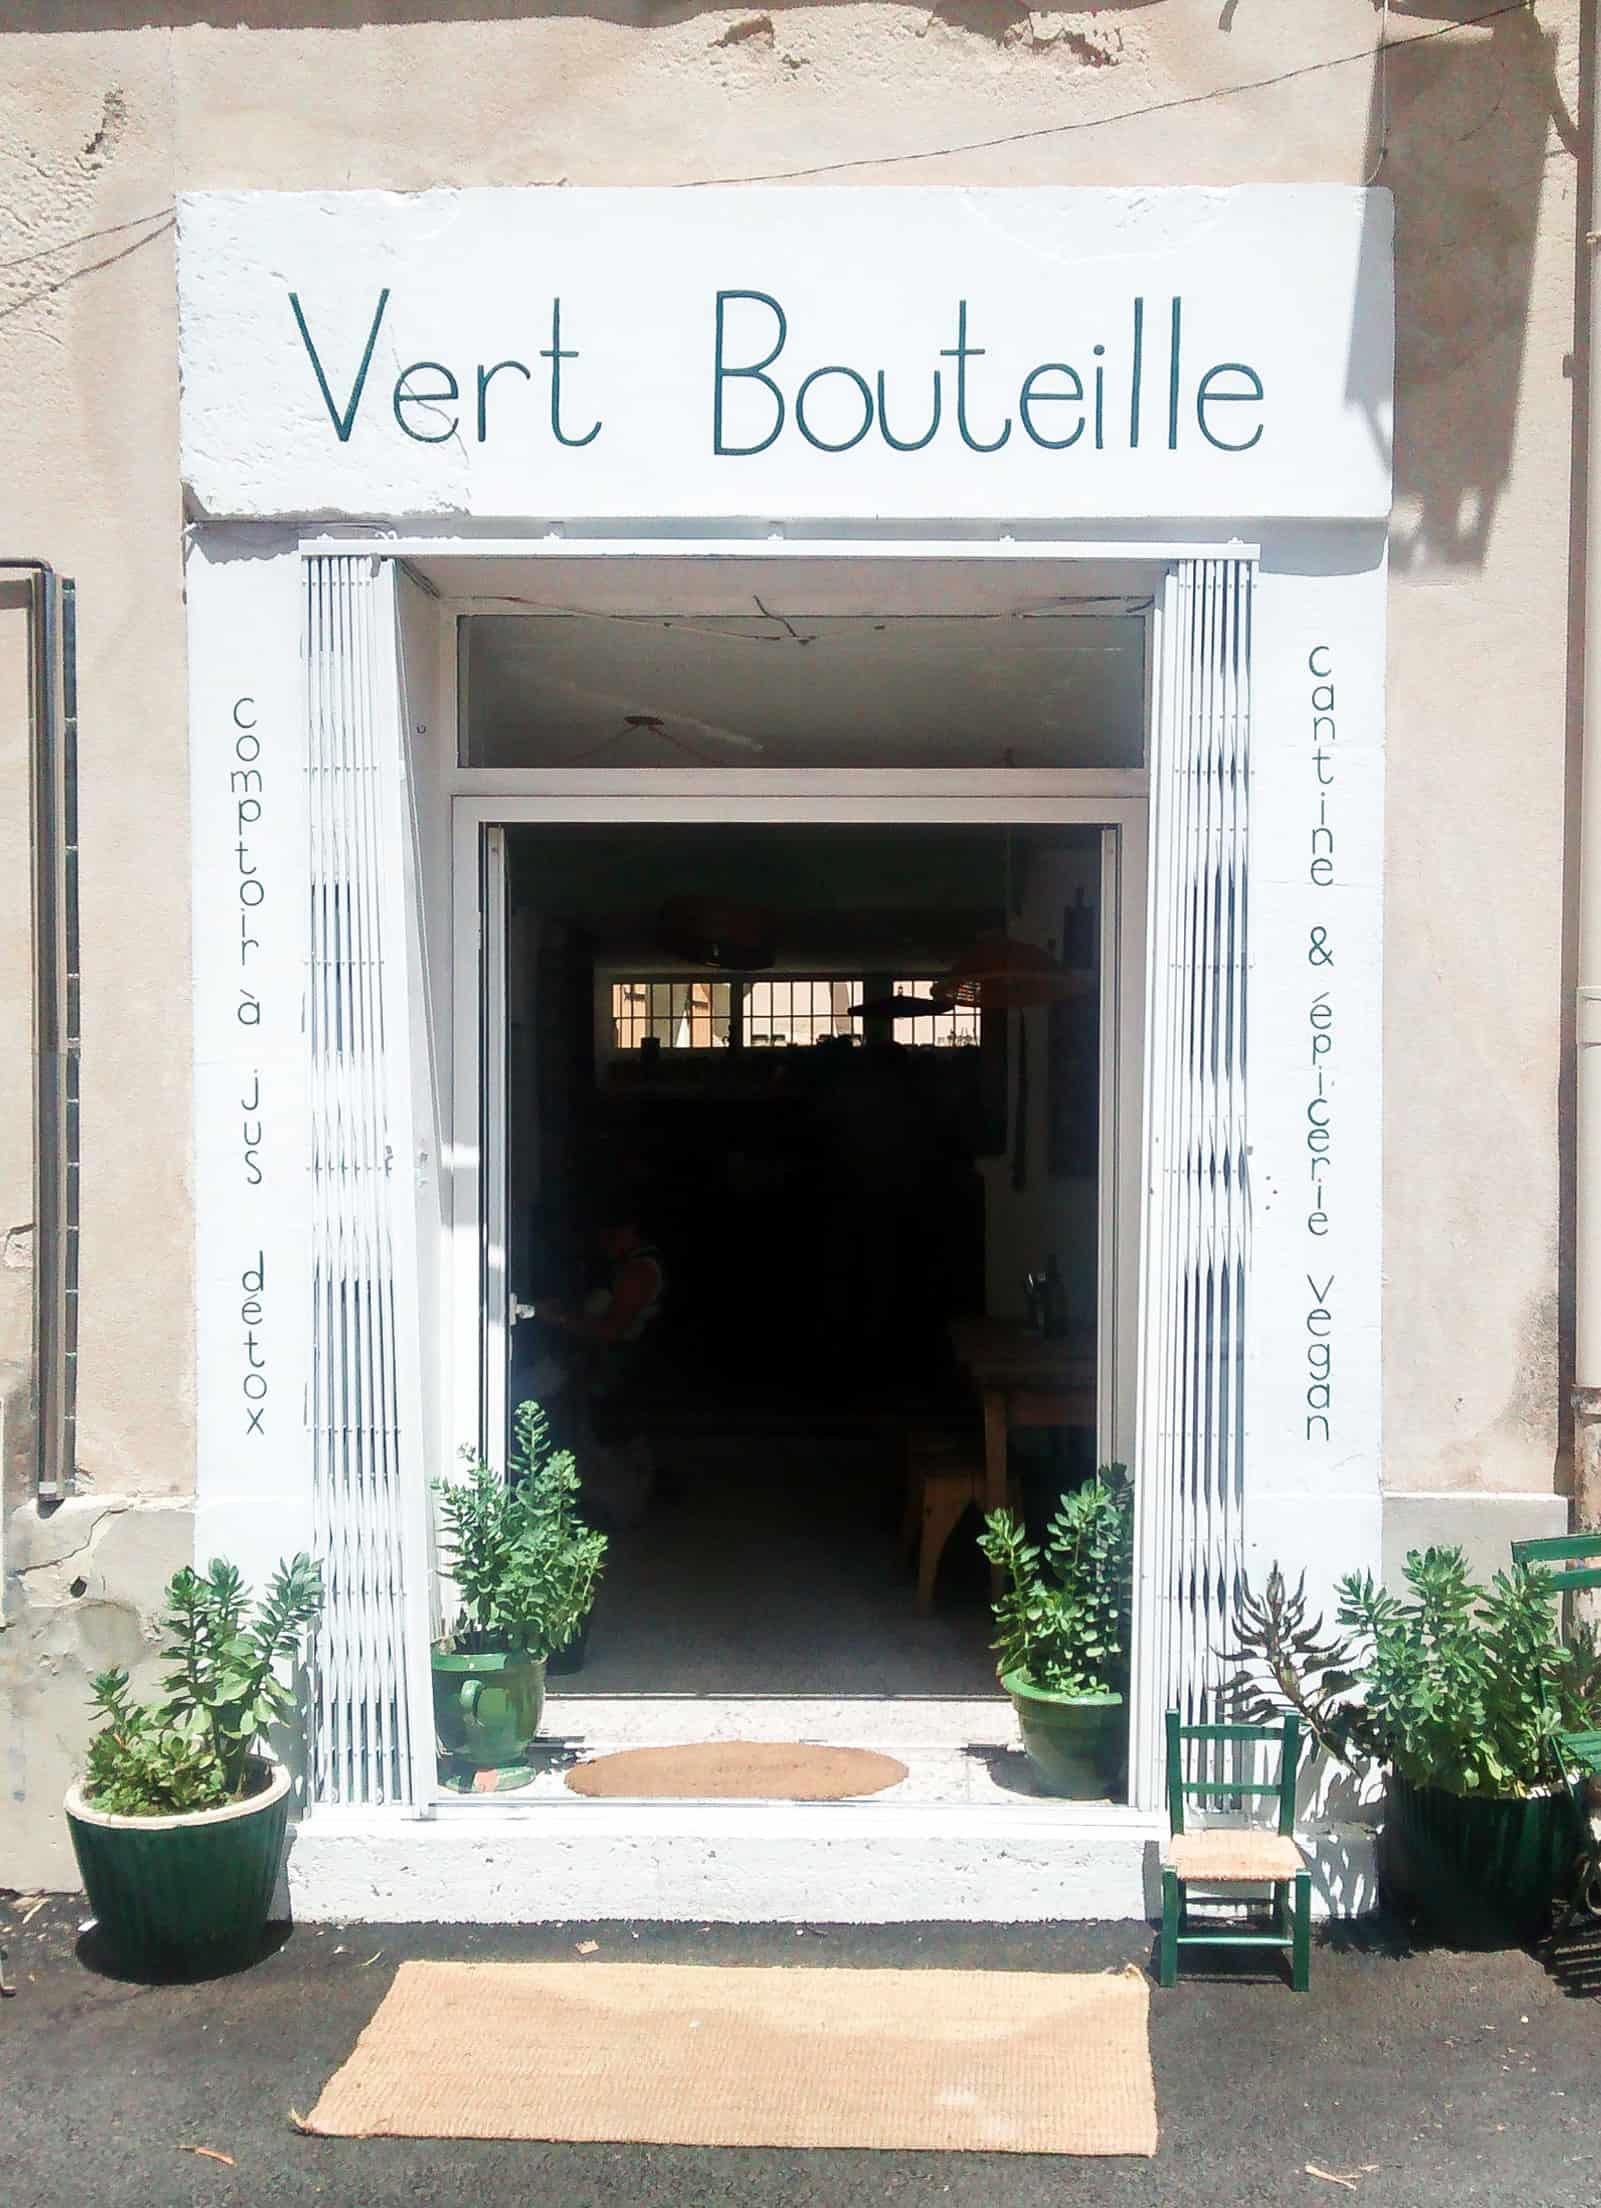 La Boutielle Restaurant. Vegan. L'Isle sur la Sorgue, France